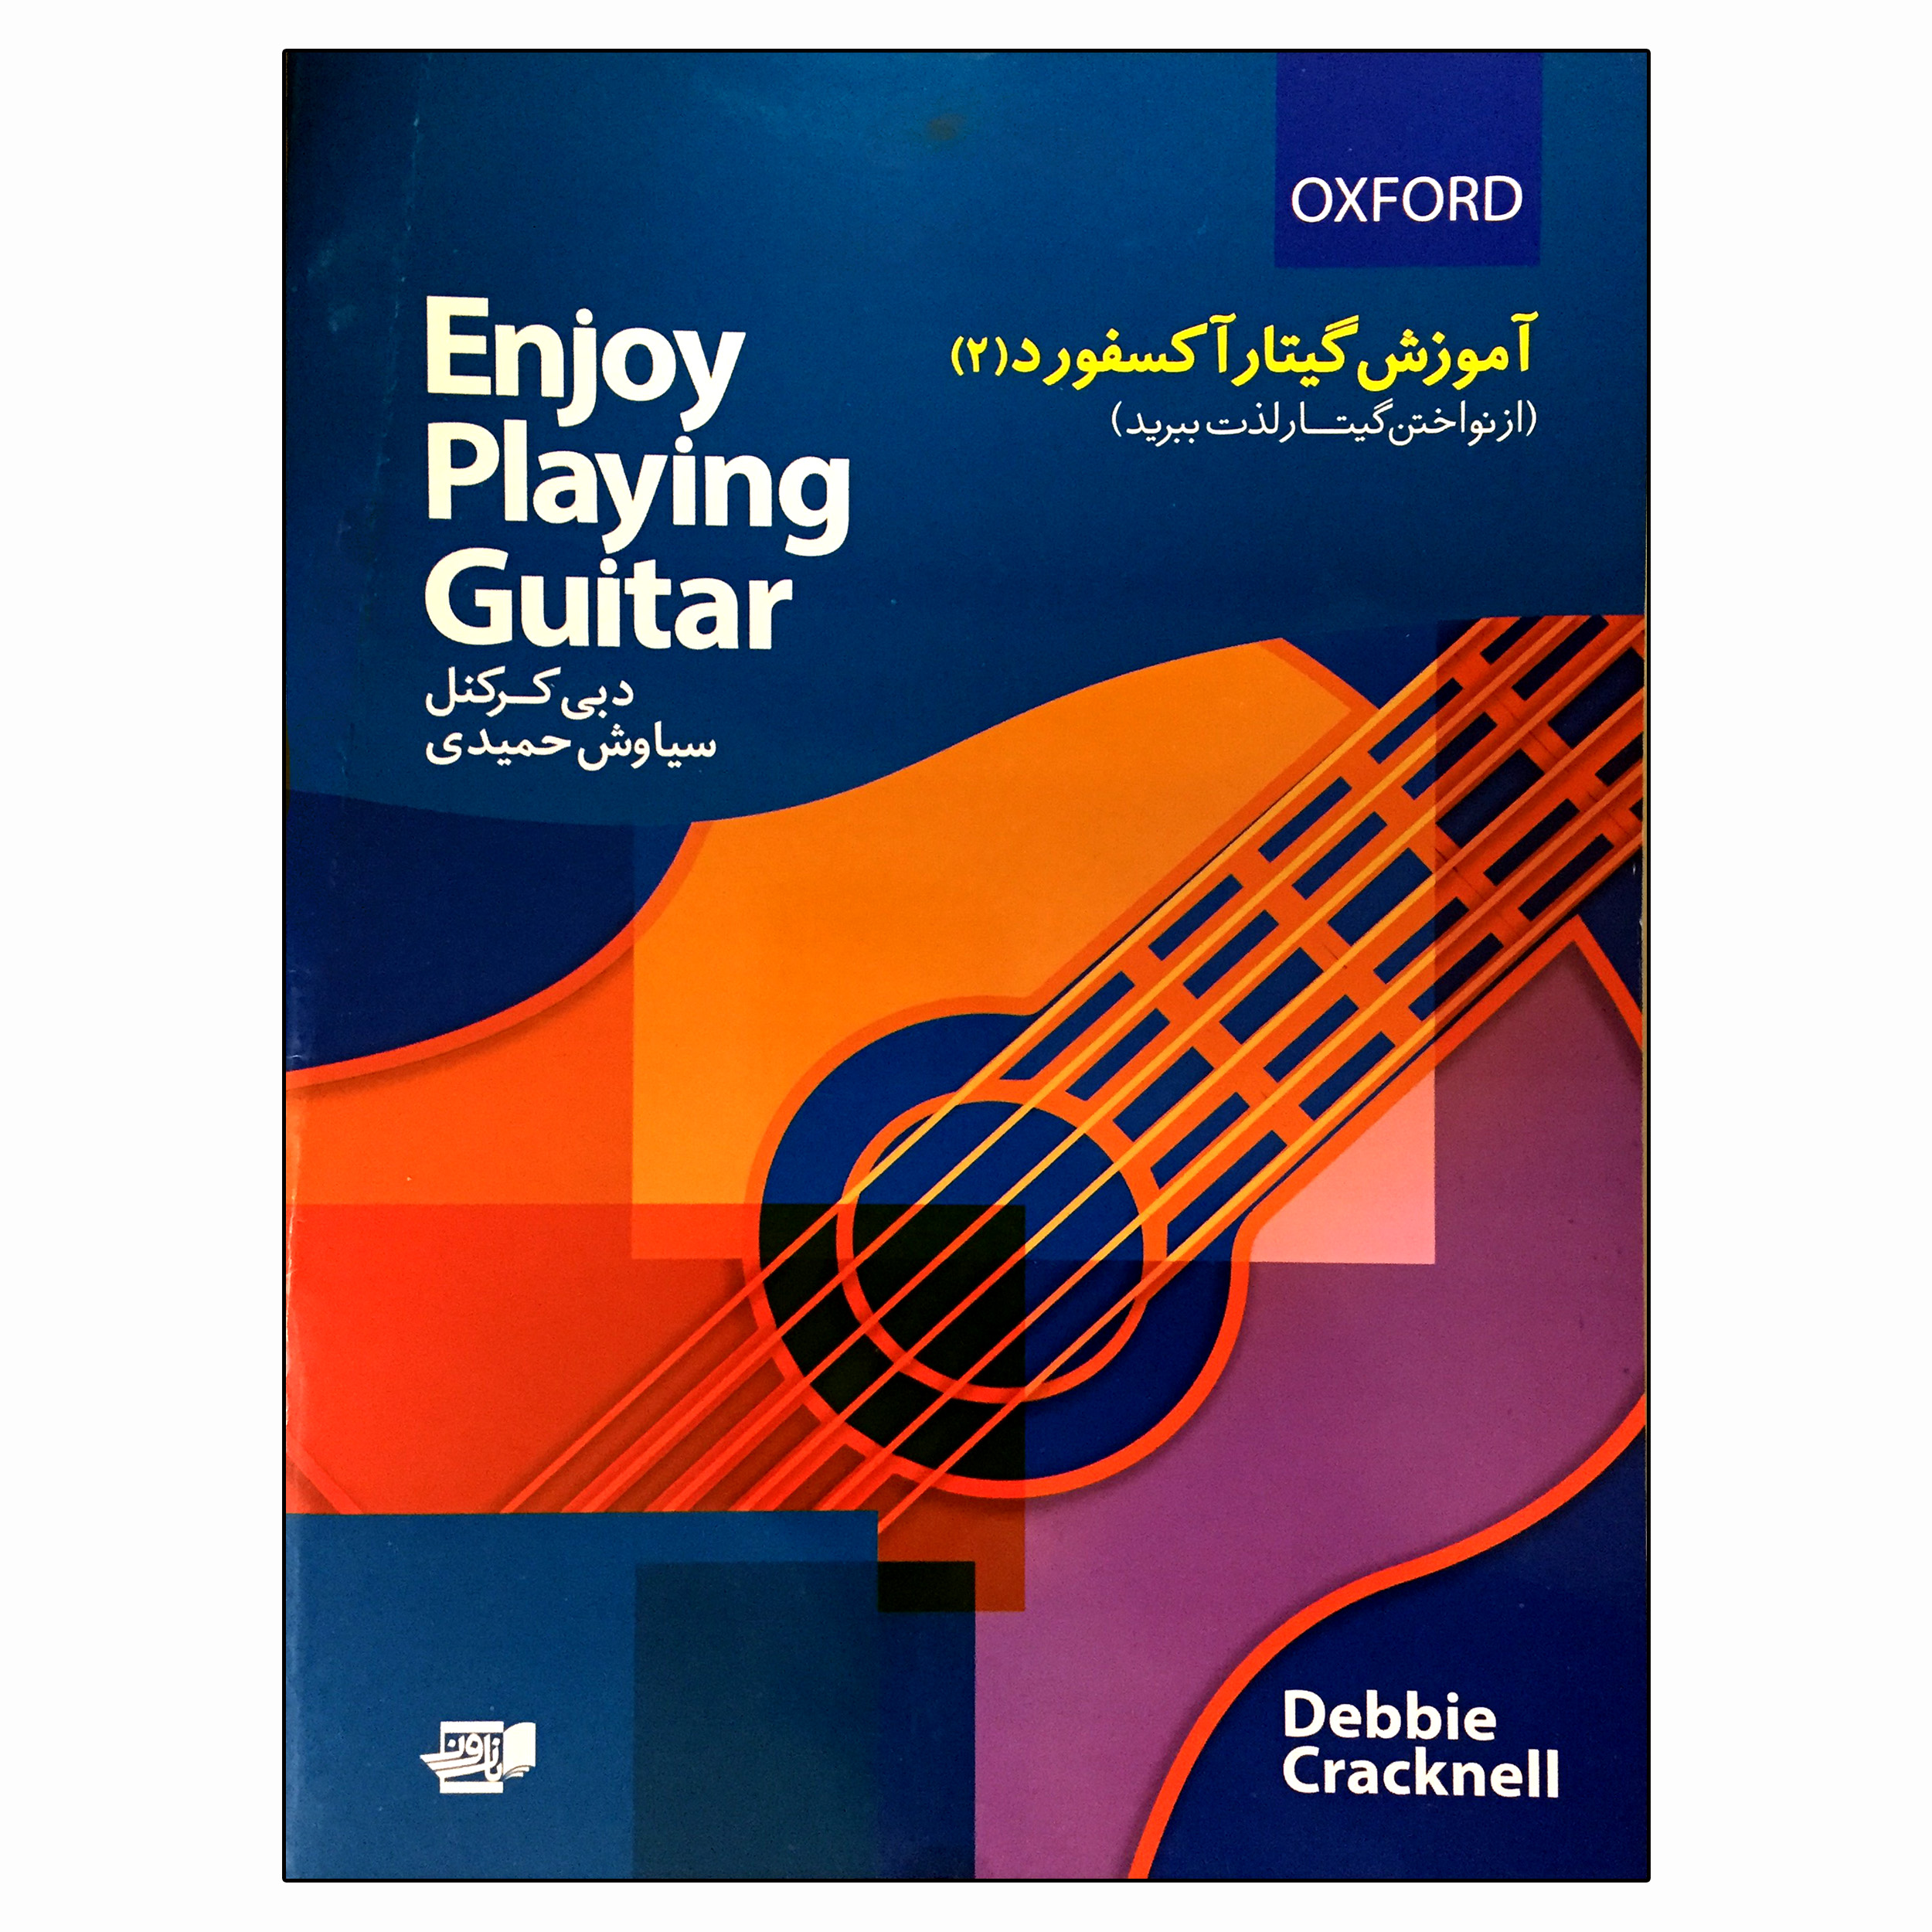 خرید                      کتاب آموزش گیتار آکسفورد اثر دبی کرکنل انتشارات کتاب نارون